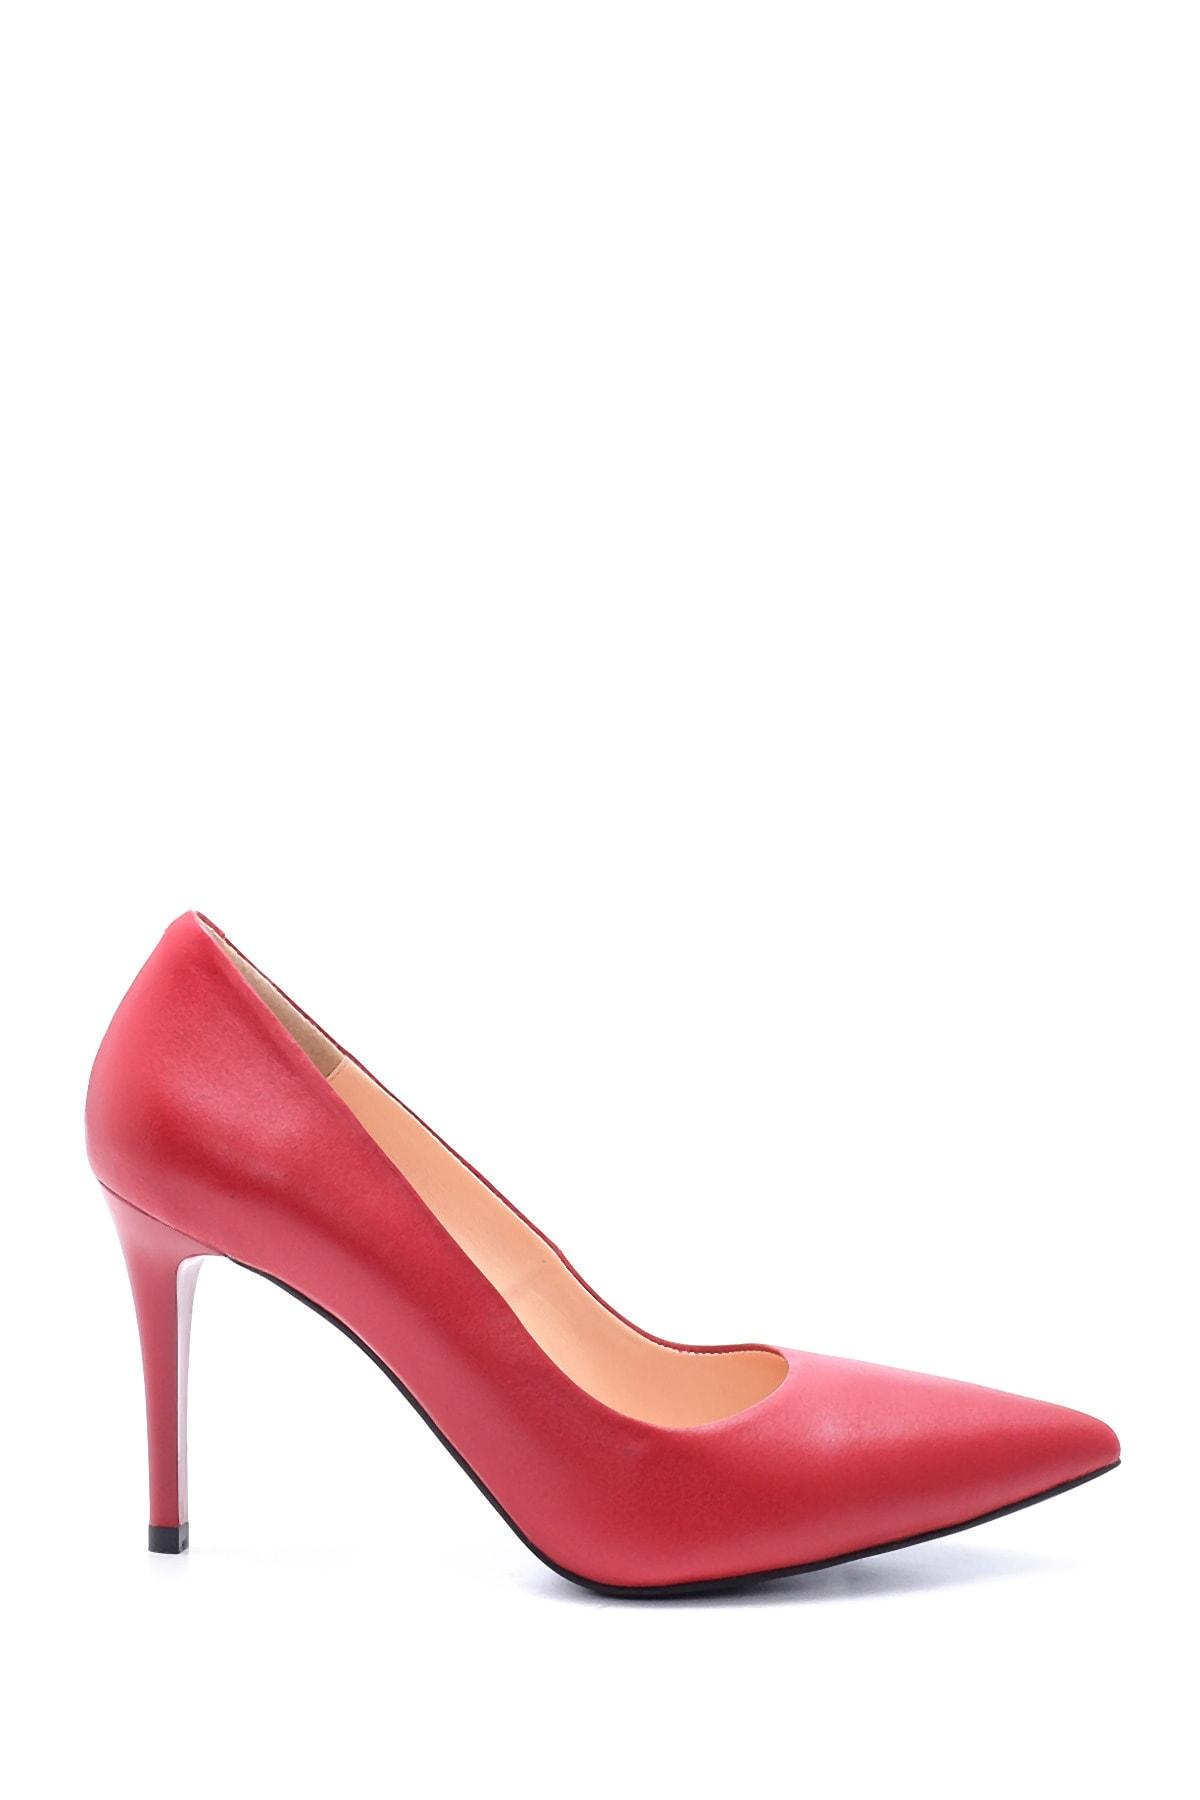 پاشنه دار زنانه مدل دار برند Derimod رنگ قرمز ty51468368